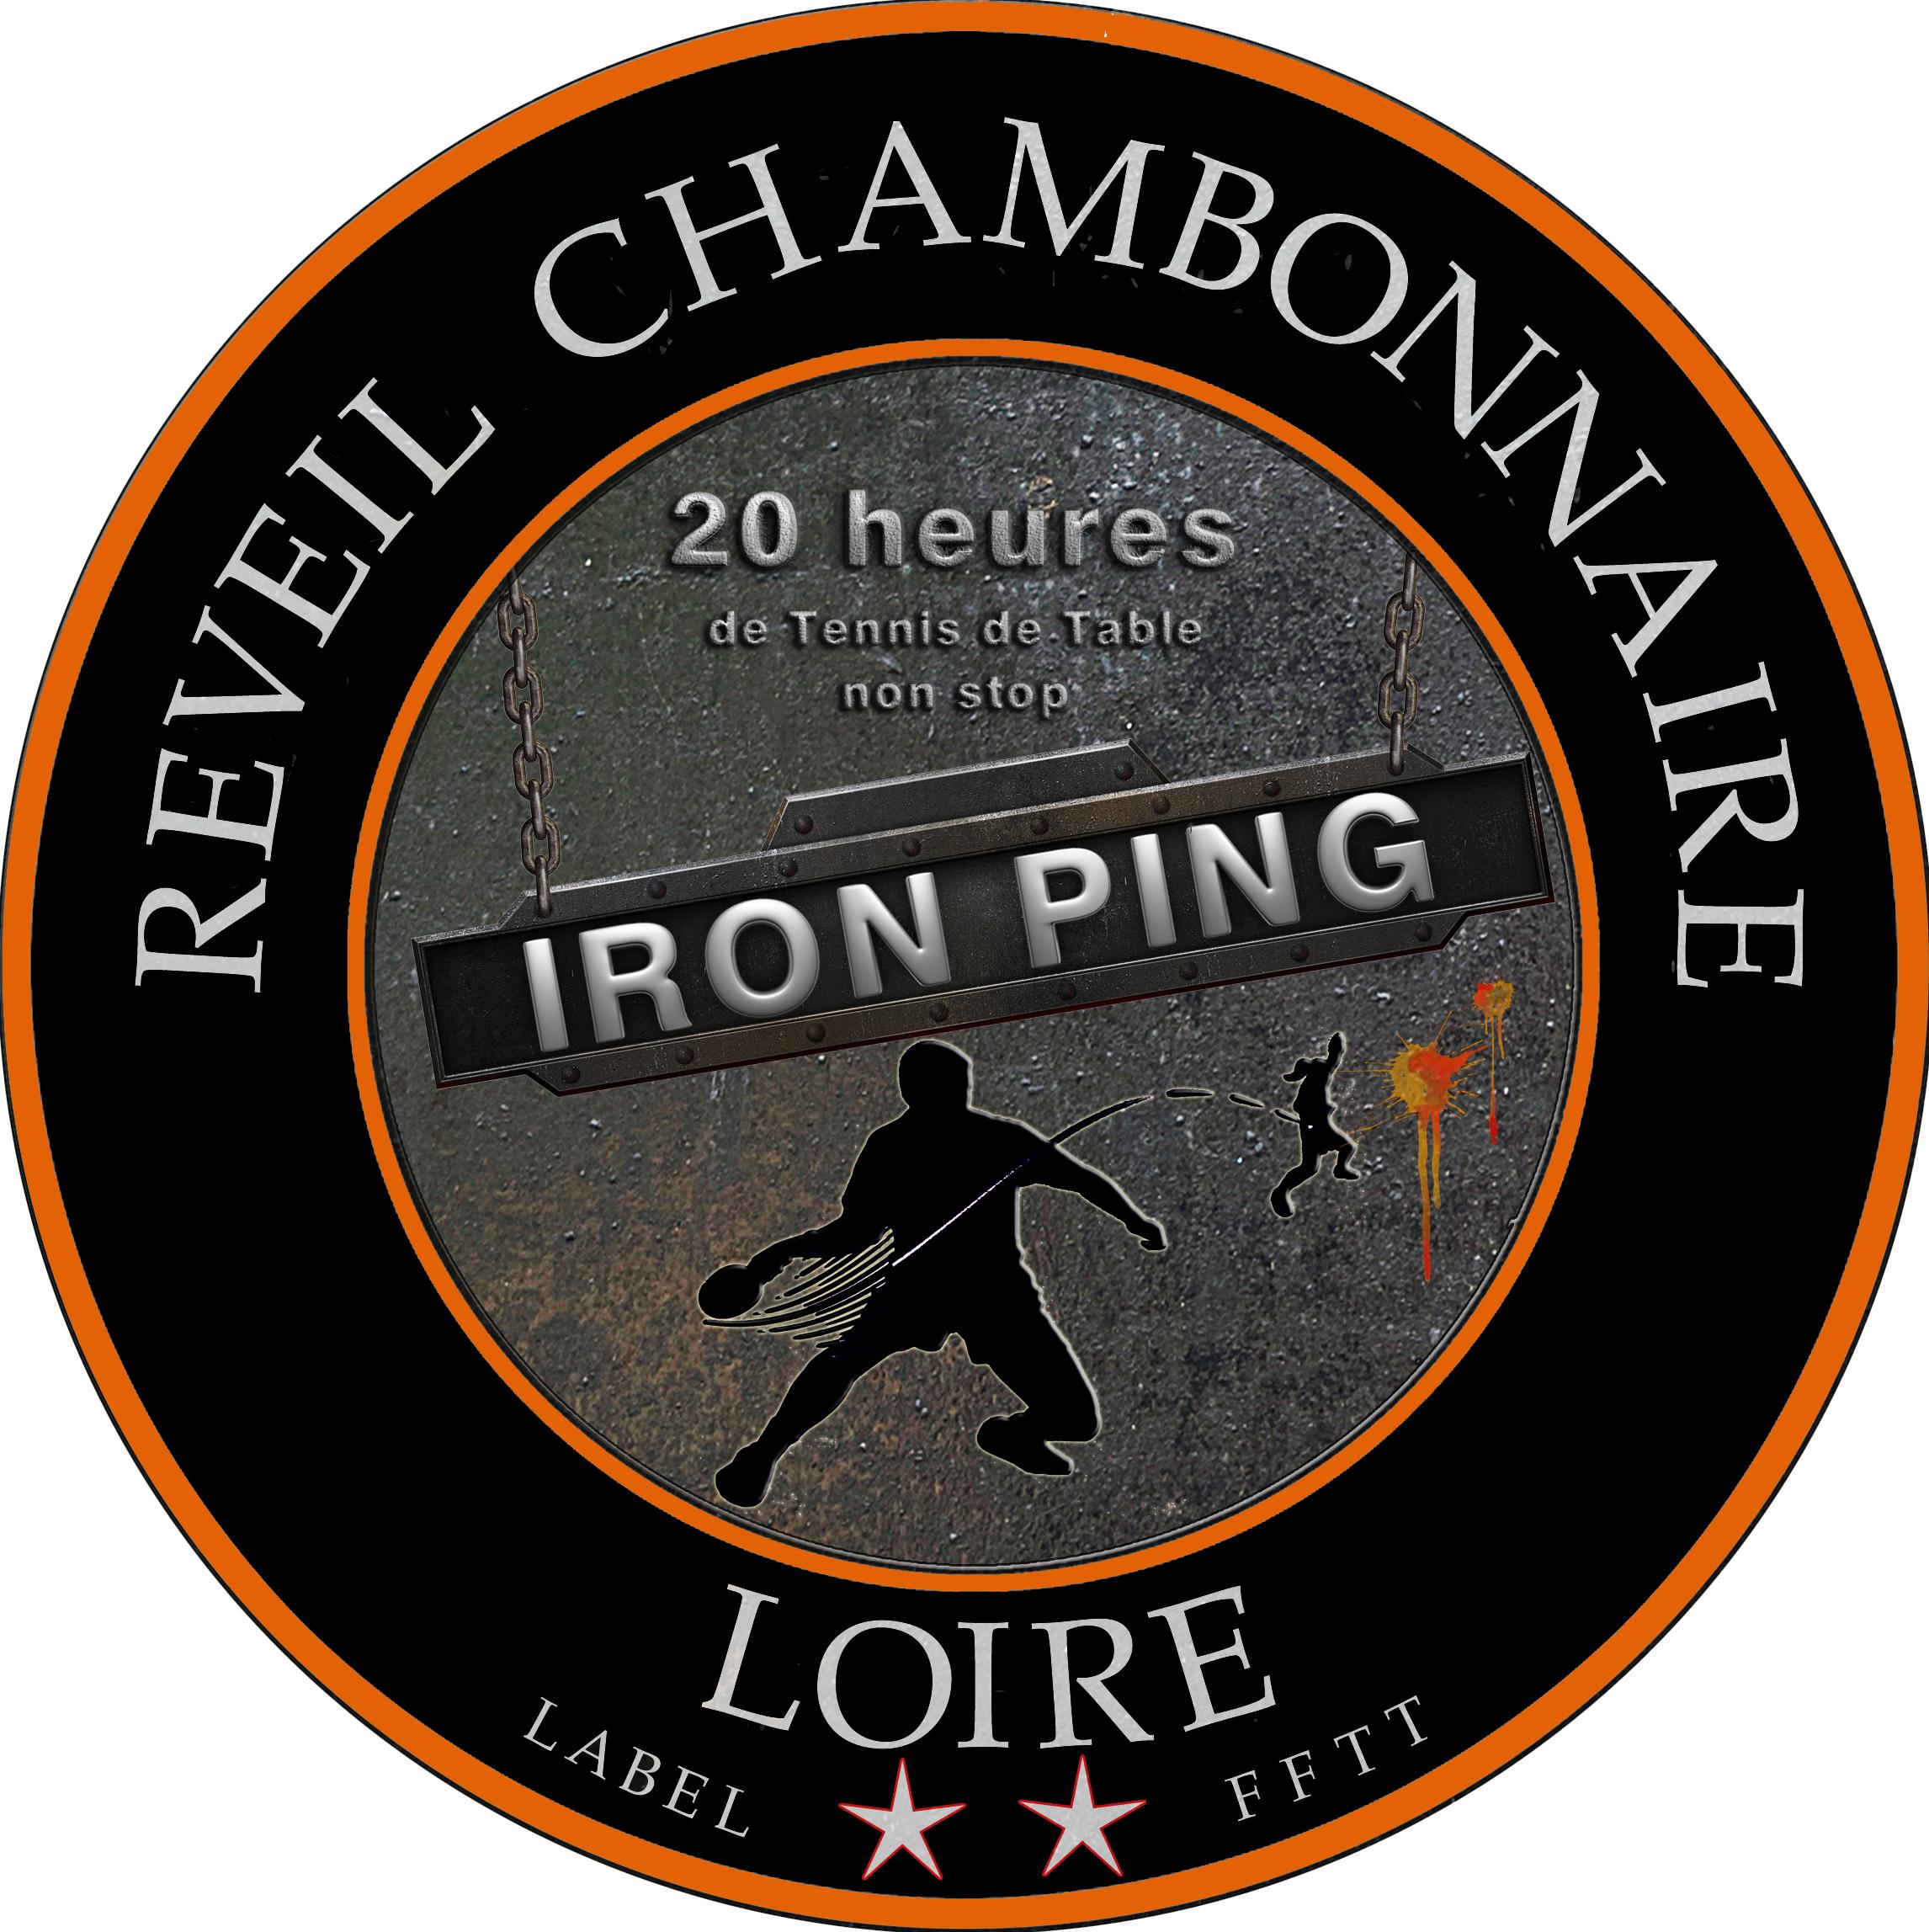 Iron Ping